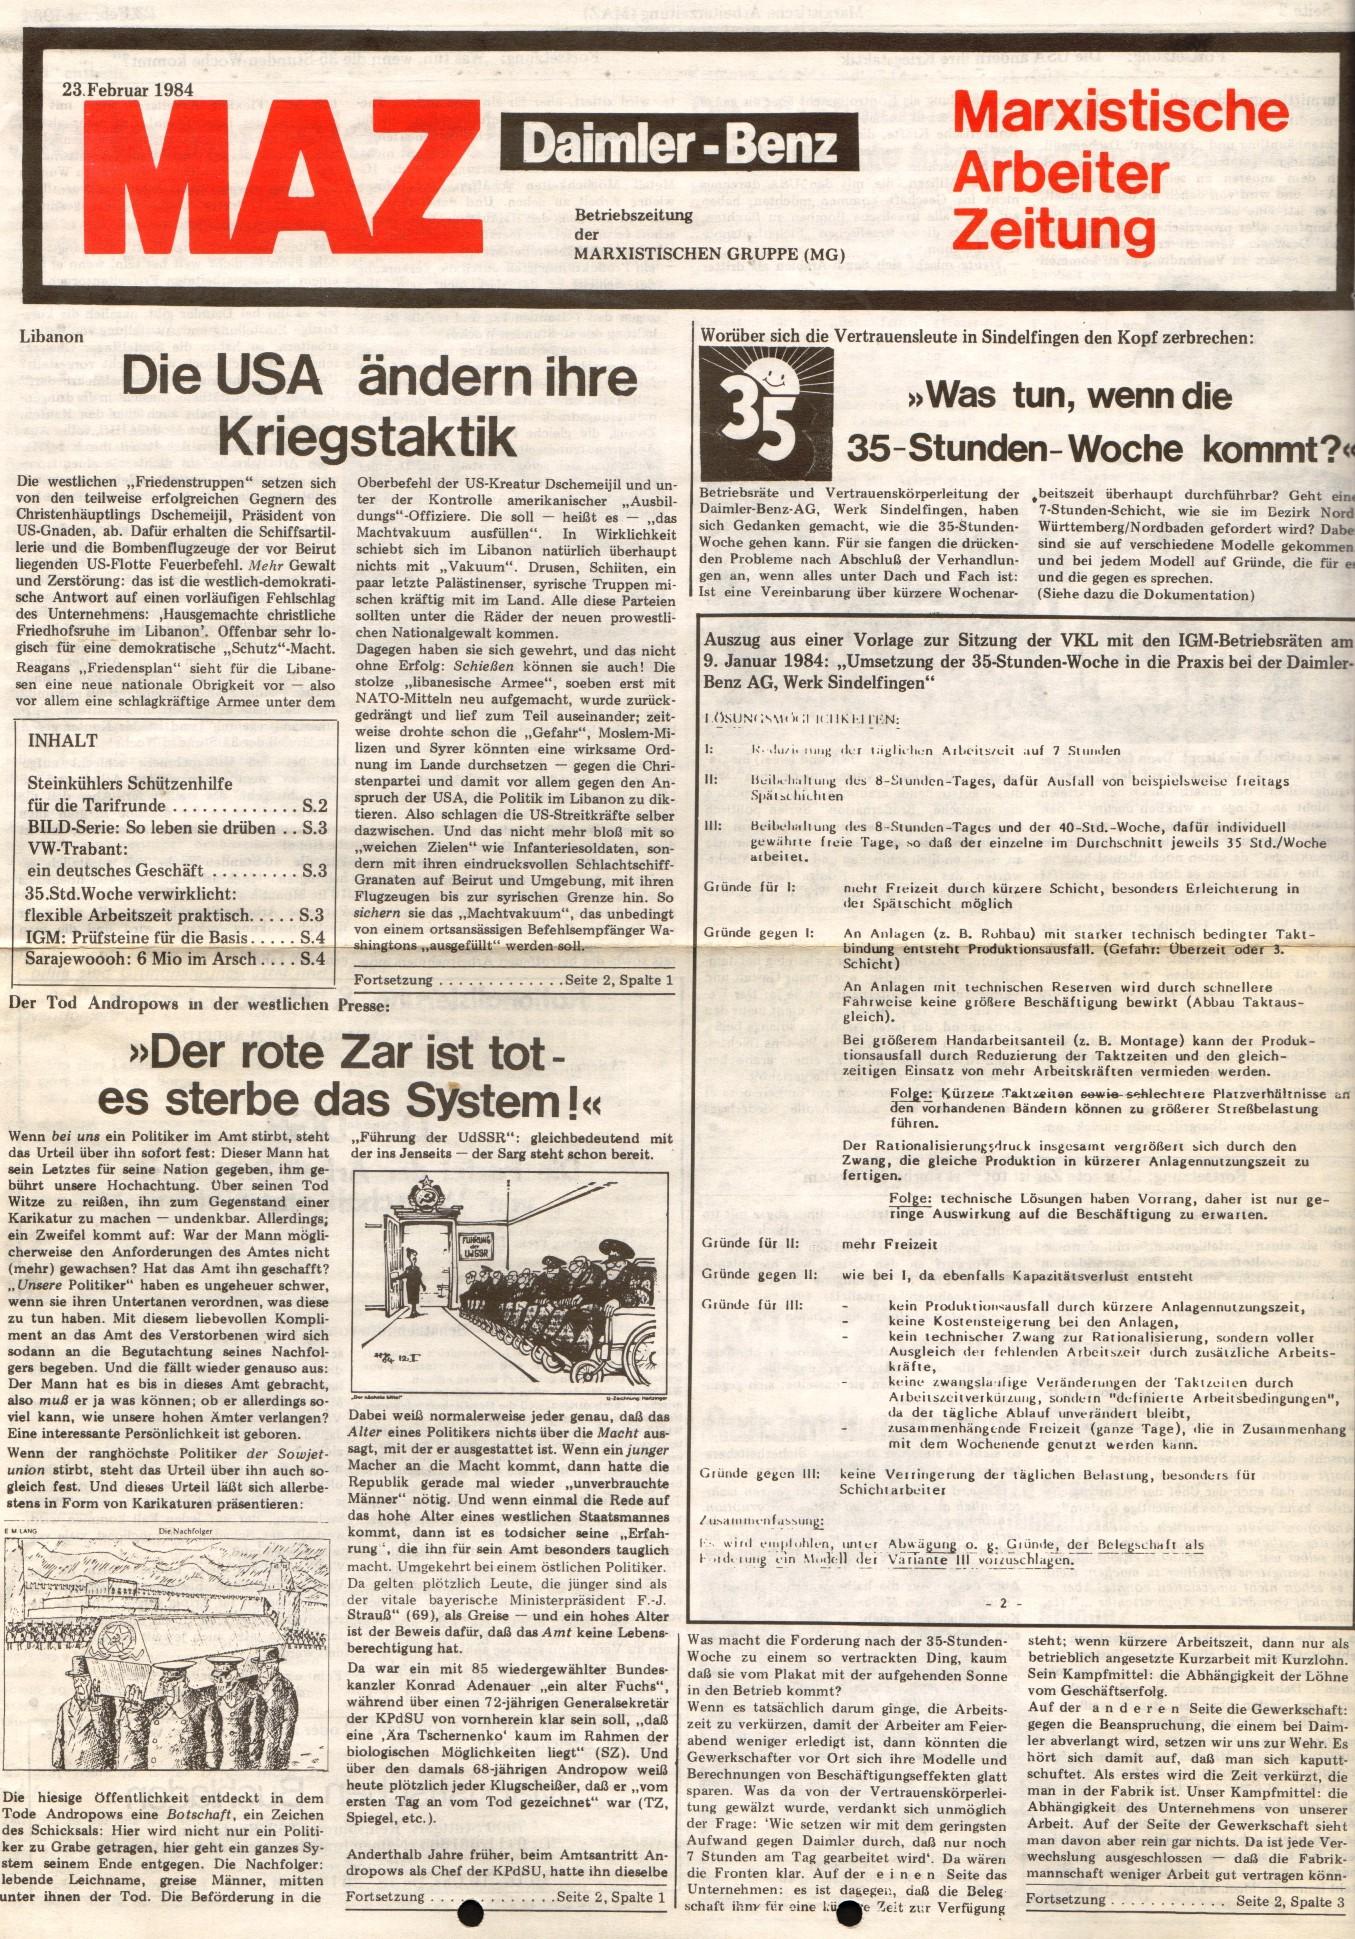 BW_MG_Marxistische_Arbeiterzeitung_19840223_01